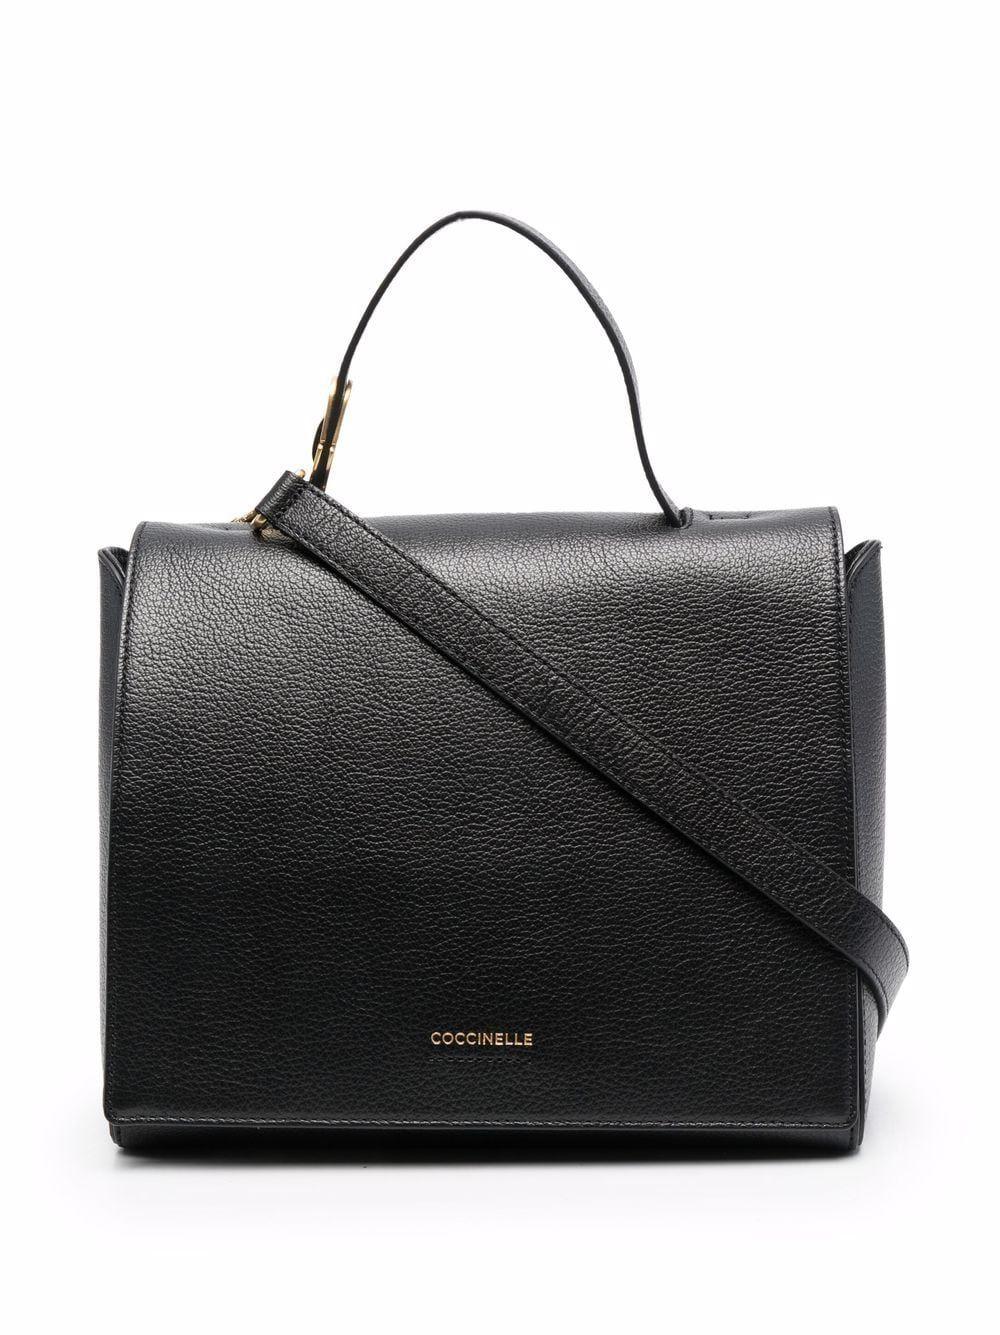 Coccinelle borse... nero